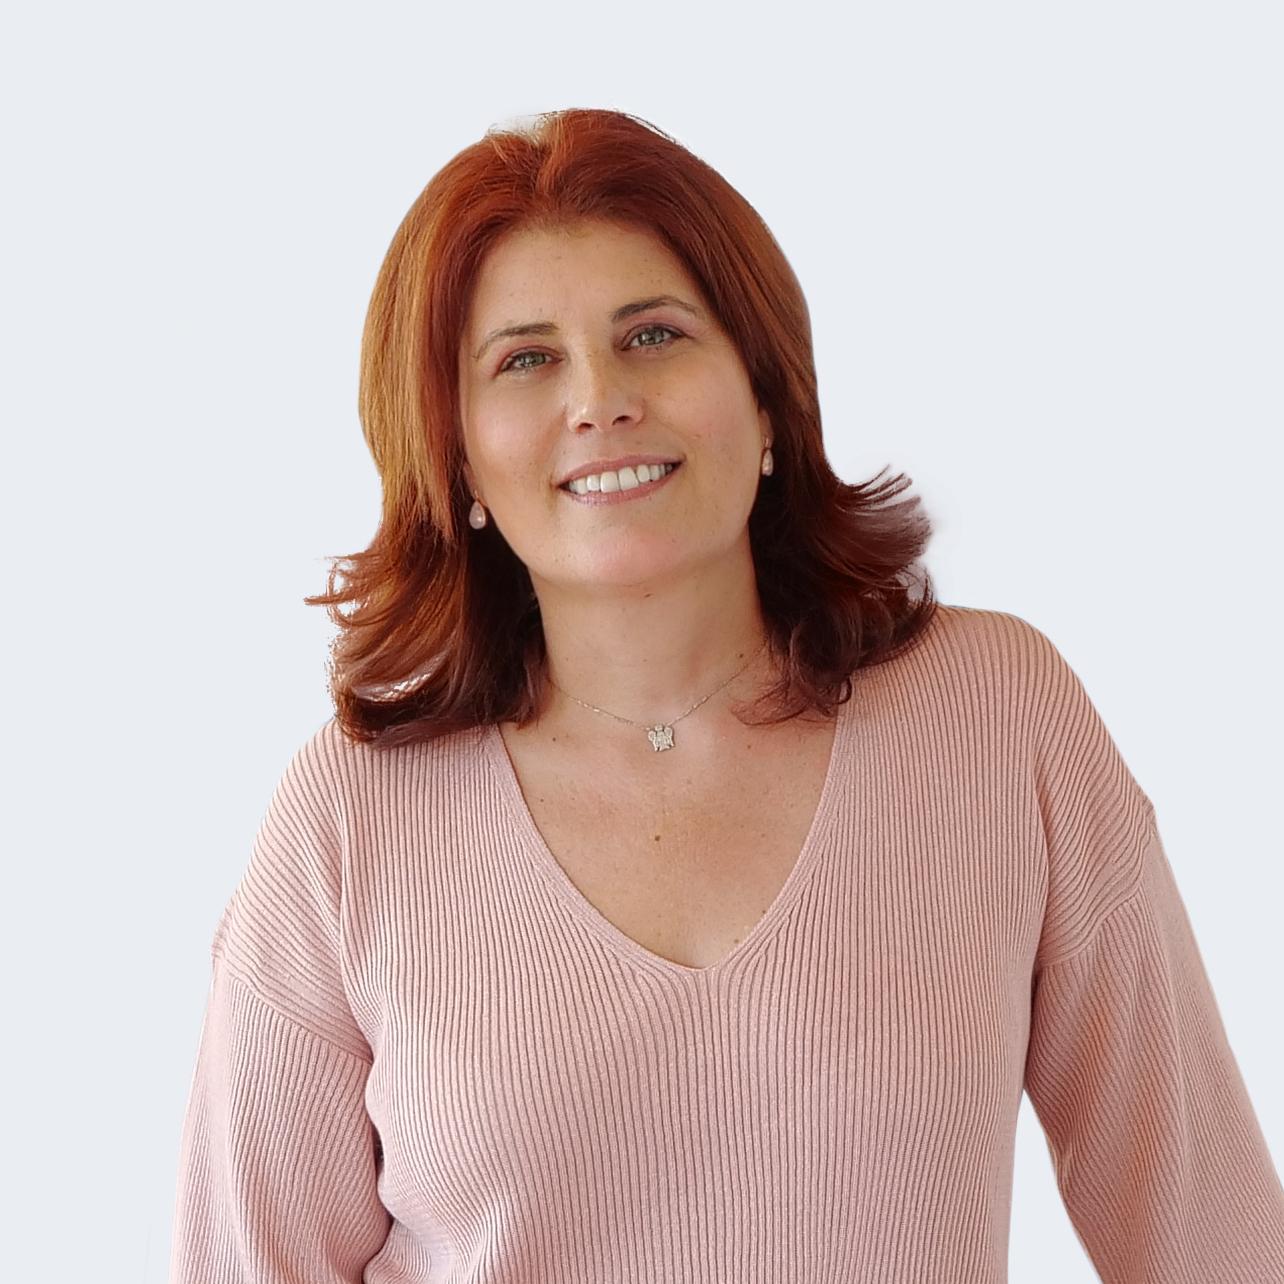 Cristina Vieira, Presidente da Câmara Municipal do Marco de Canveses